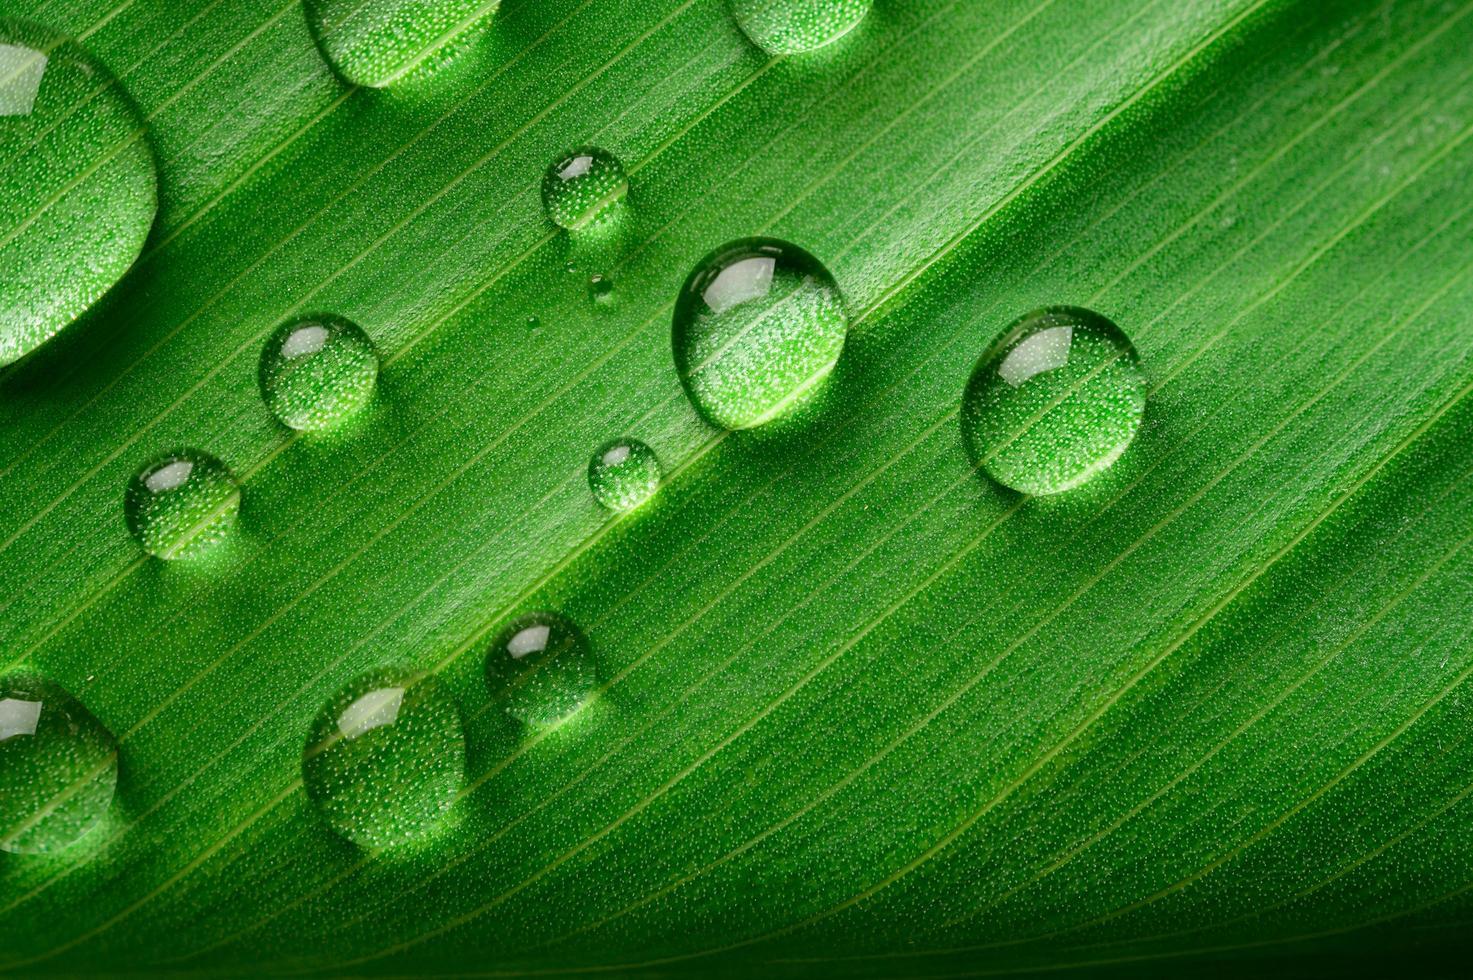 de nombreuses gouttelettes d'eau sur les feuilles de bananier photo